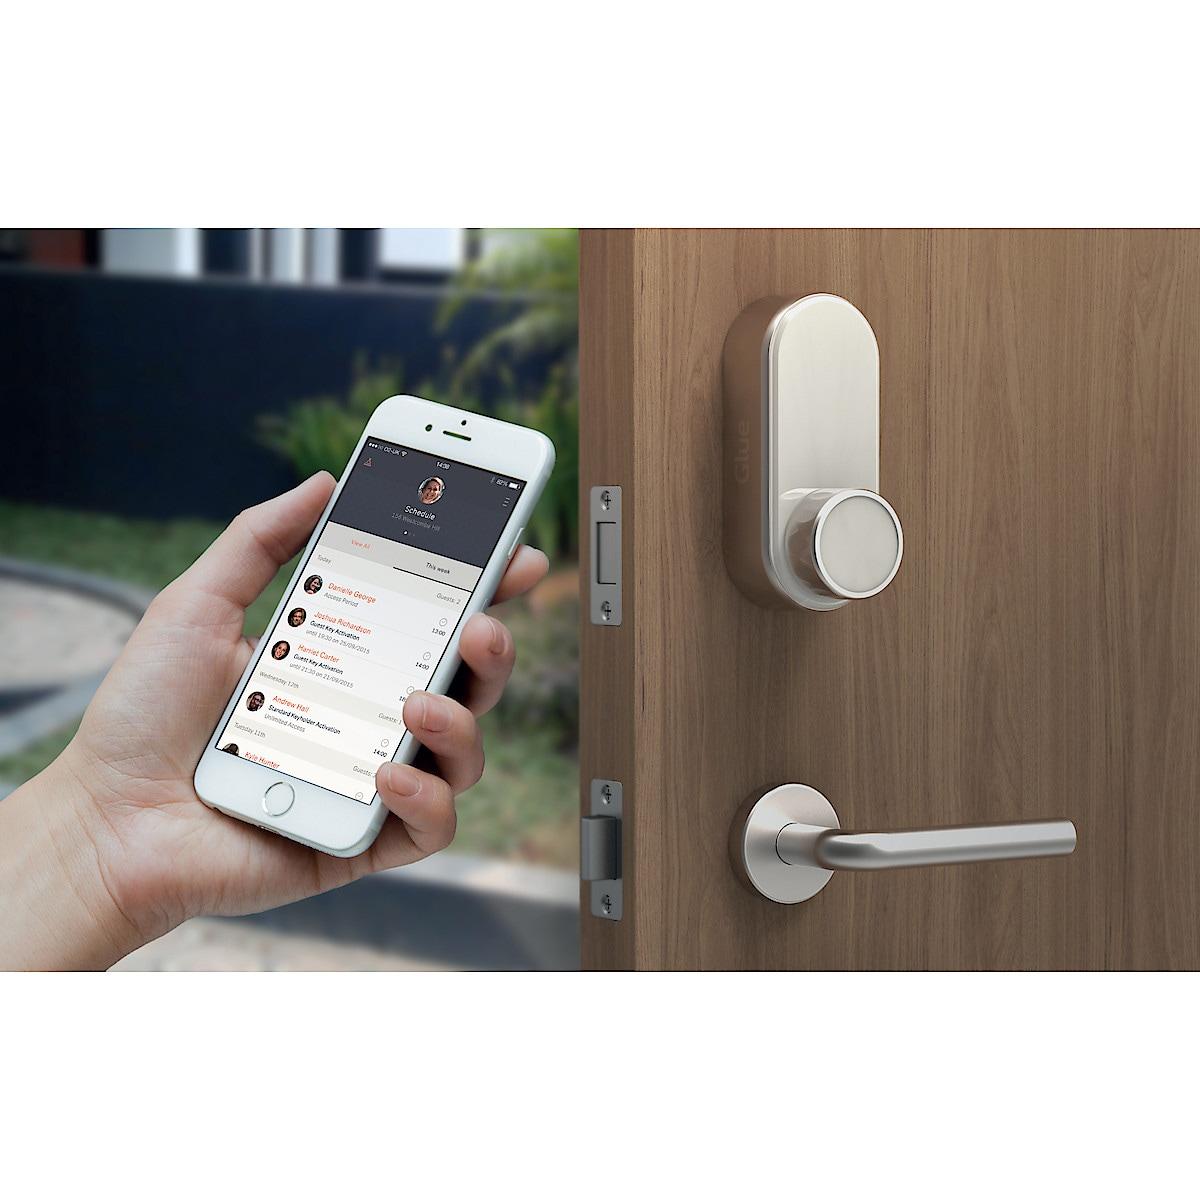 Glue Smart Electronic Front Door Lock